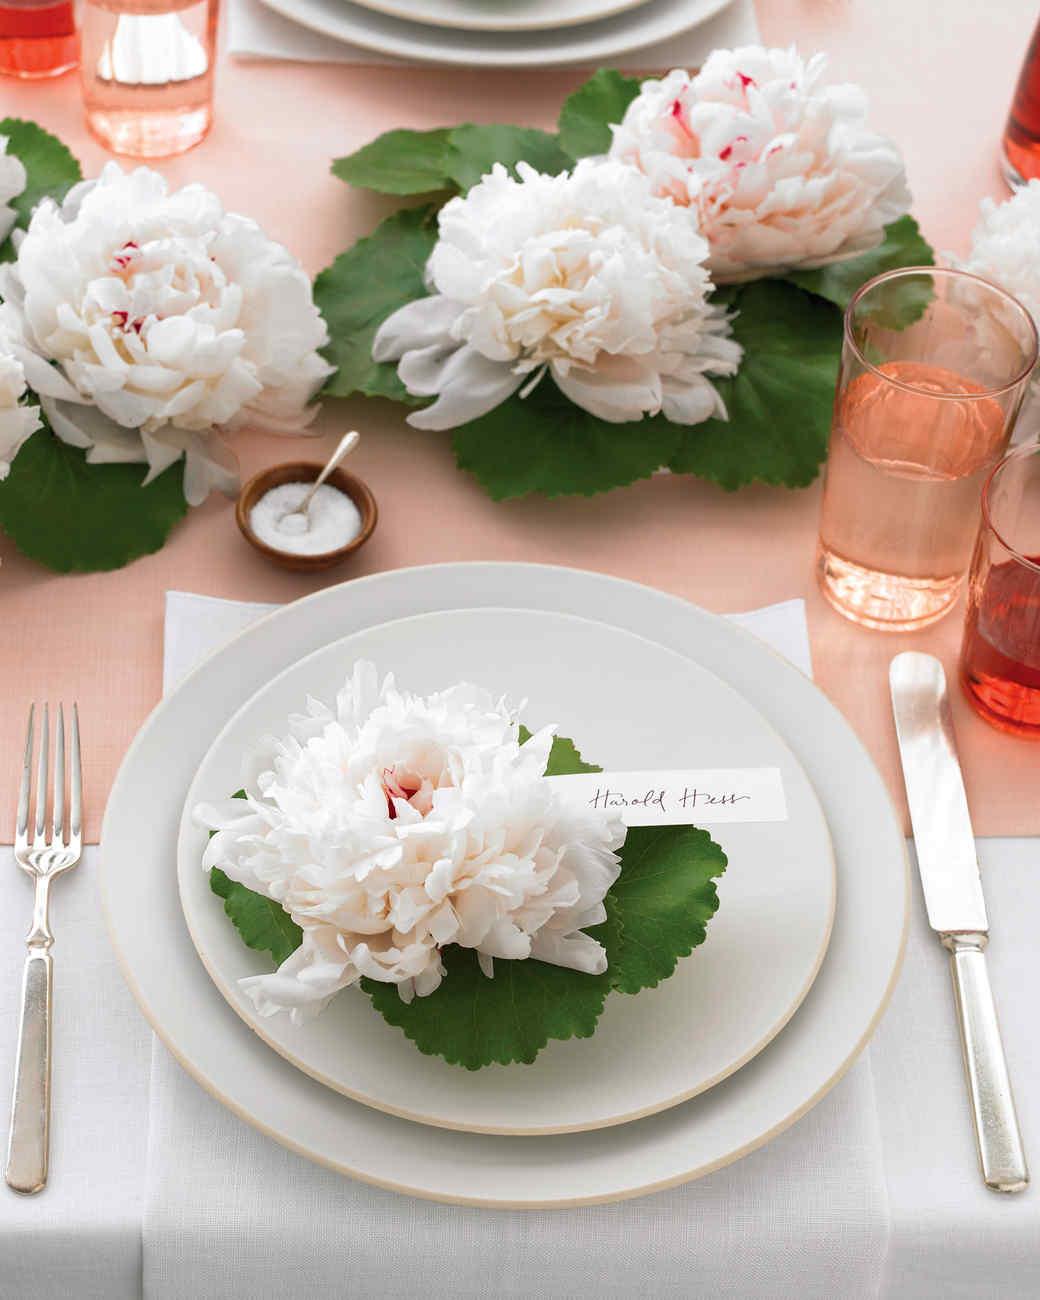 Martha Stewart Wedding Flowers Centerpieces : Floating flowers centerpiece martha stewart